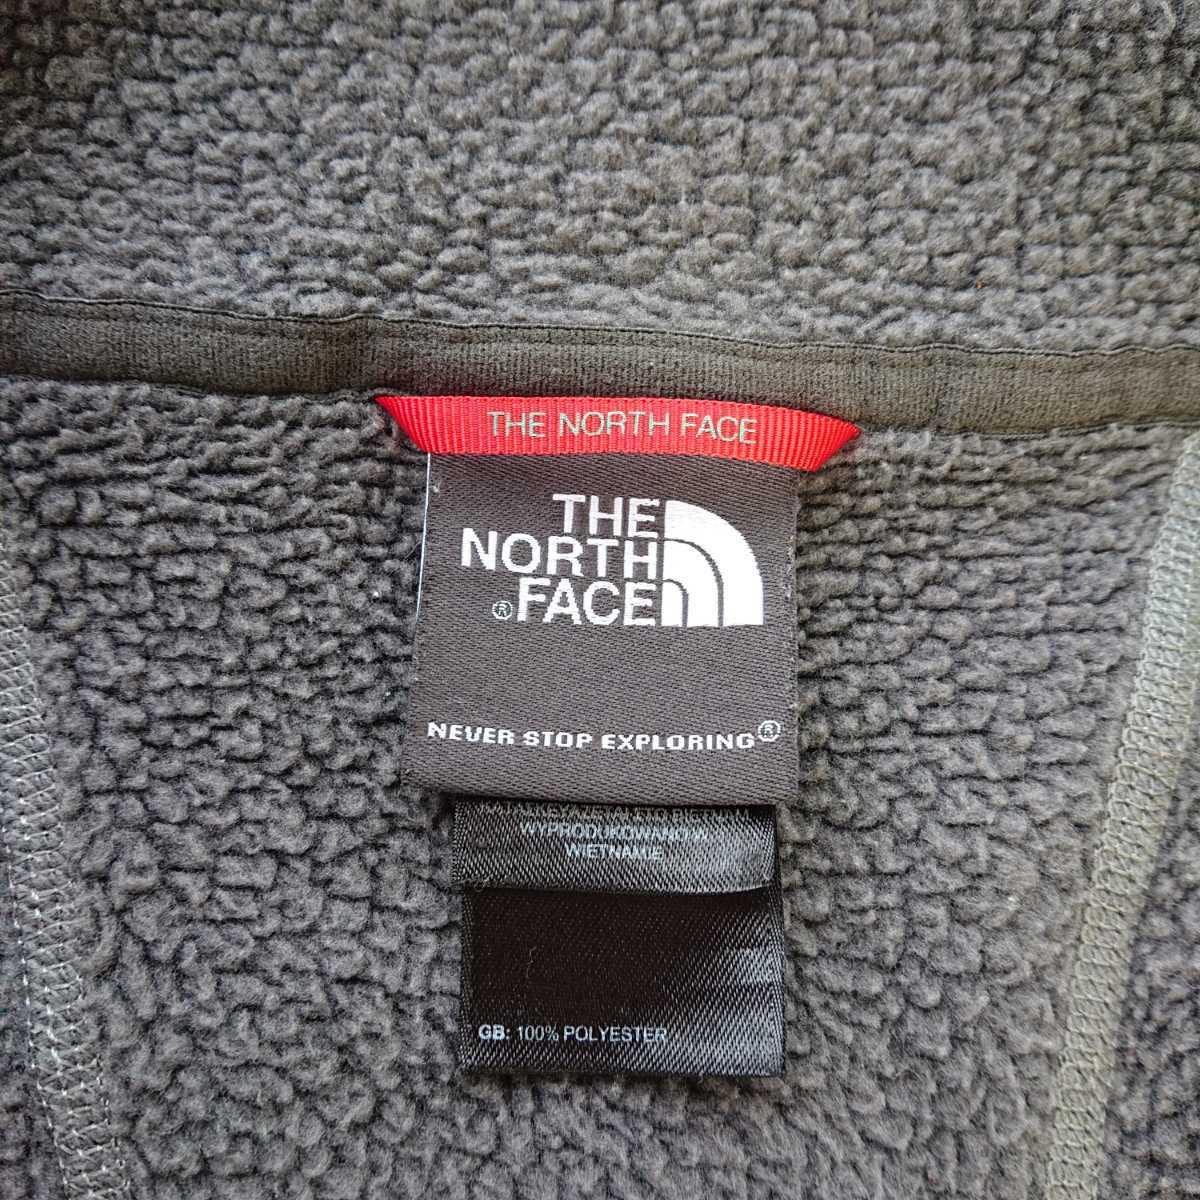 THE NORTH FACE USA ノースフェイス The North Face フリースベスト メンズ Mサイズ 軽量 アウトドア キャンプ チャコールグレー アメリカ